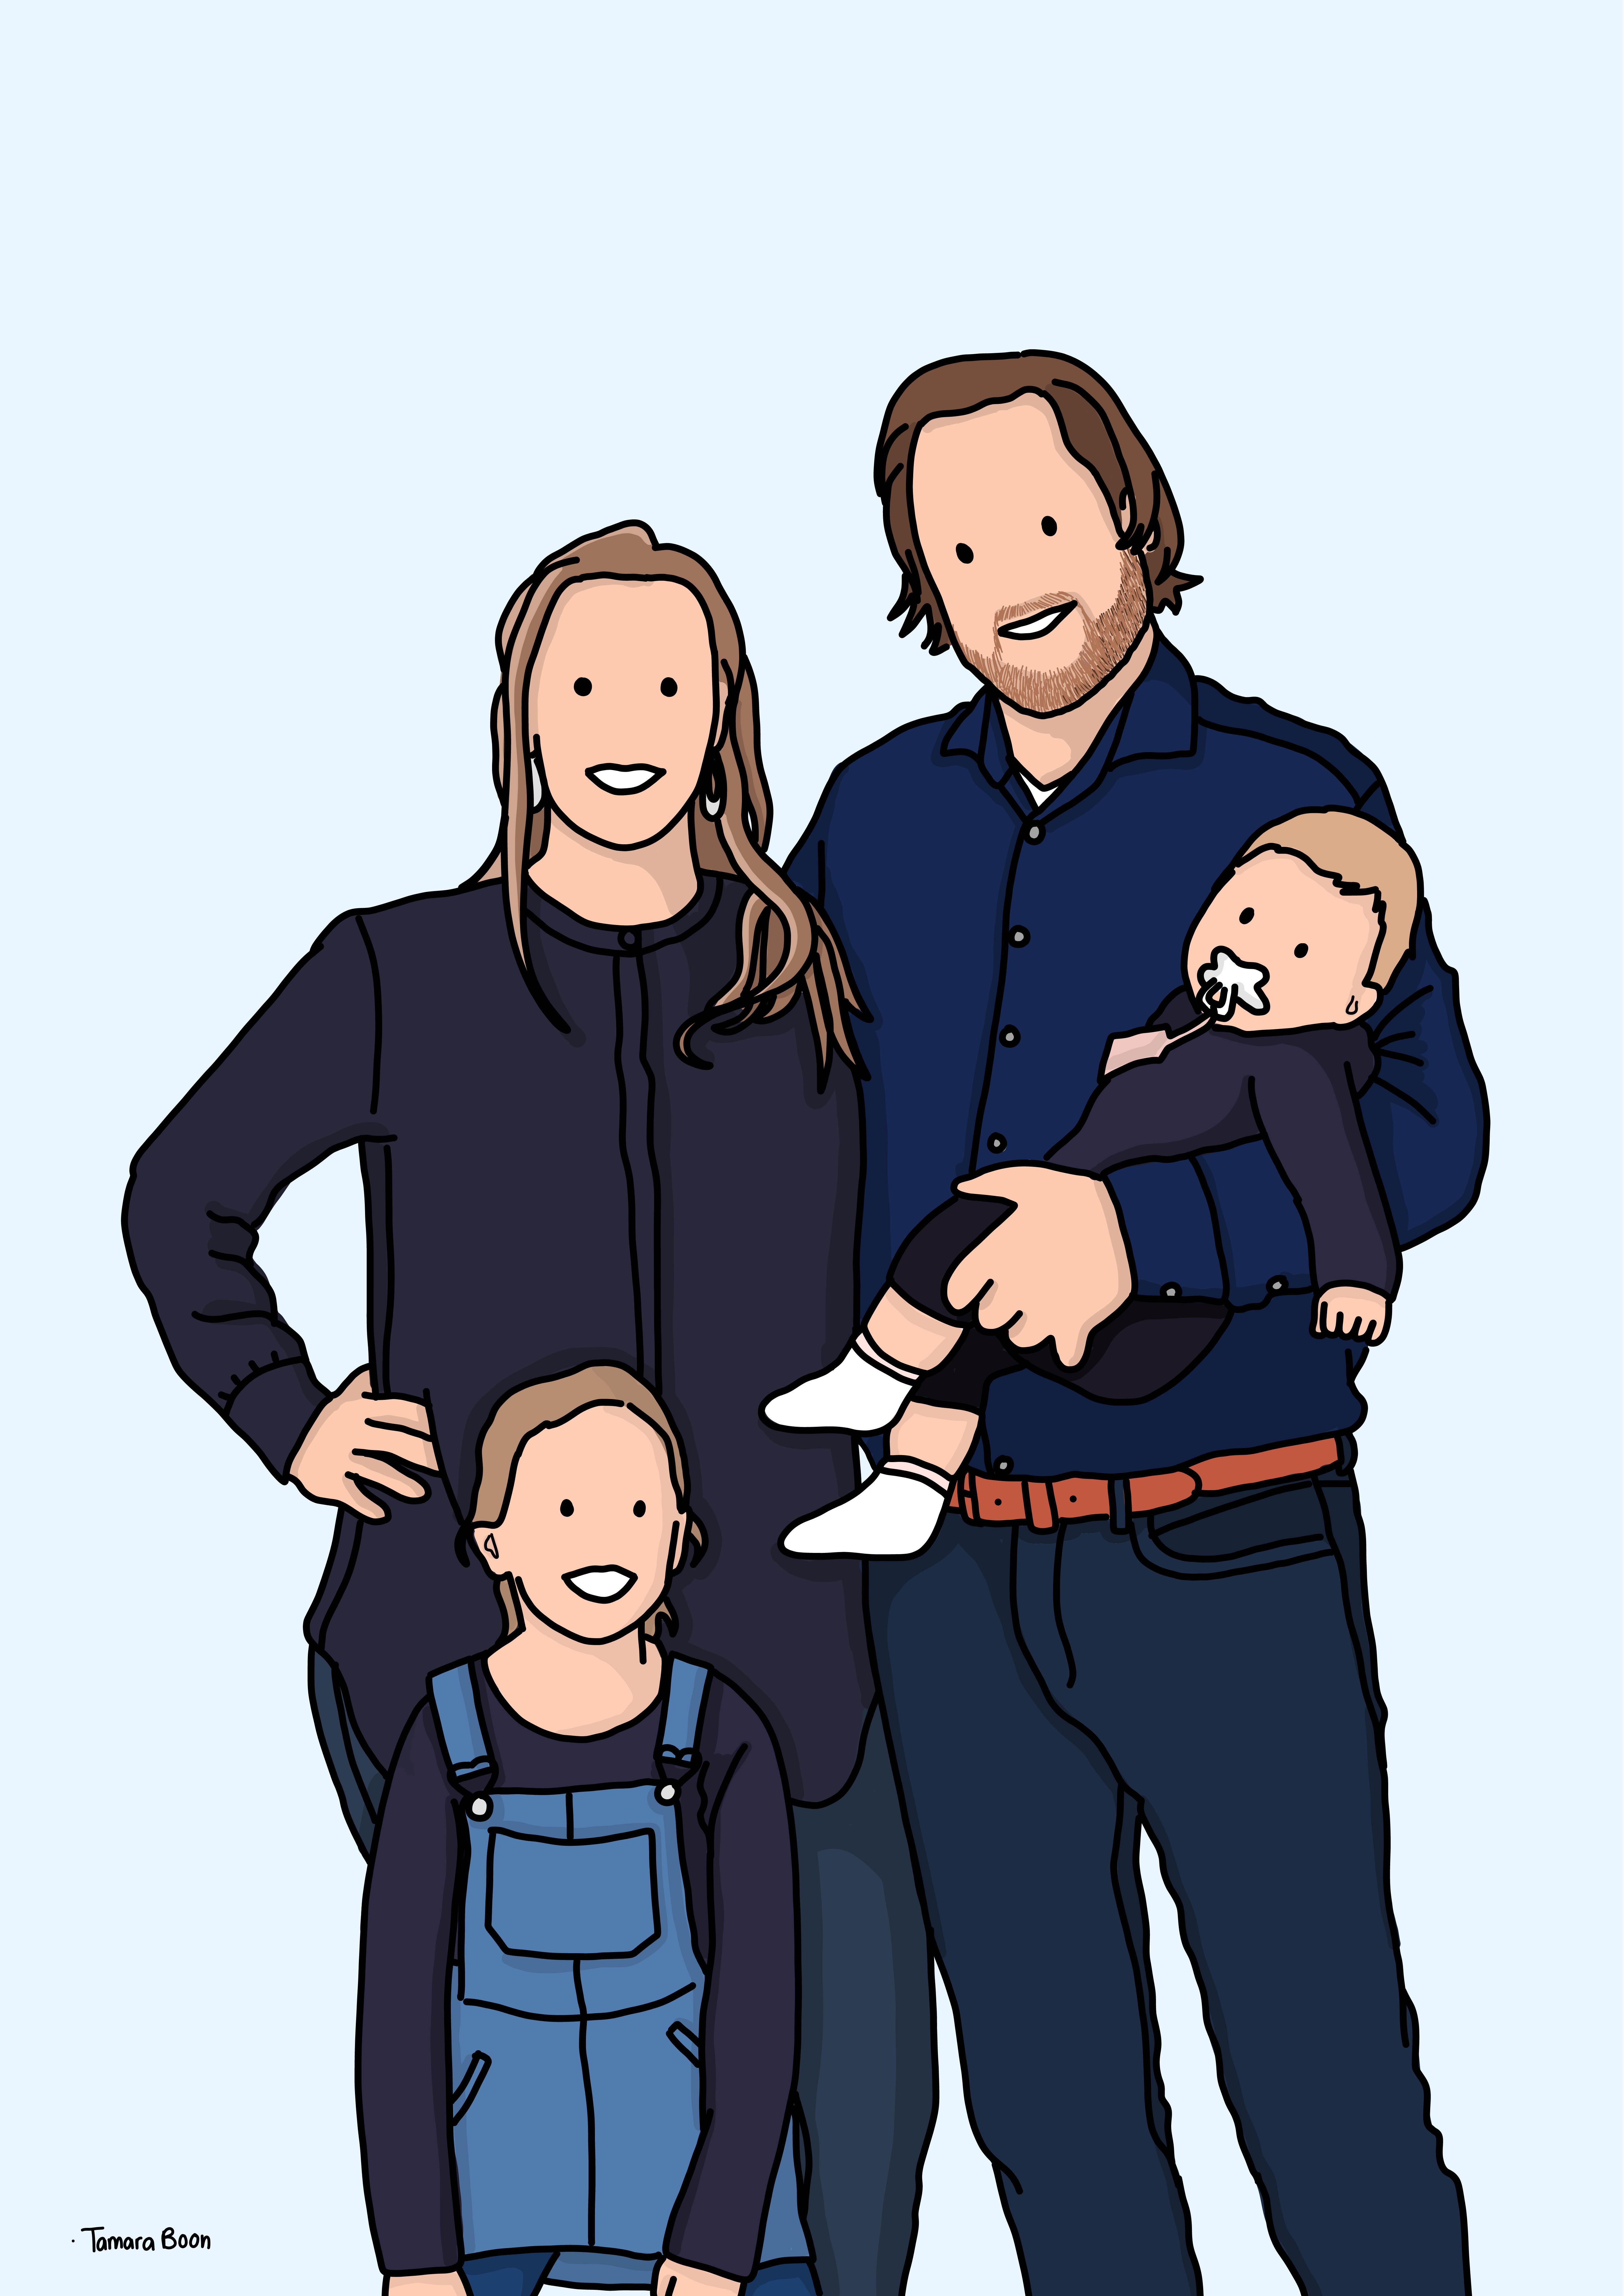 portret gezin